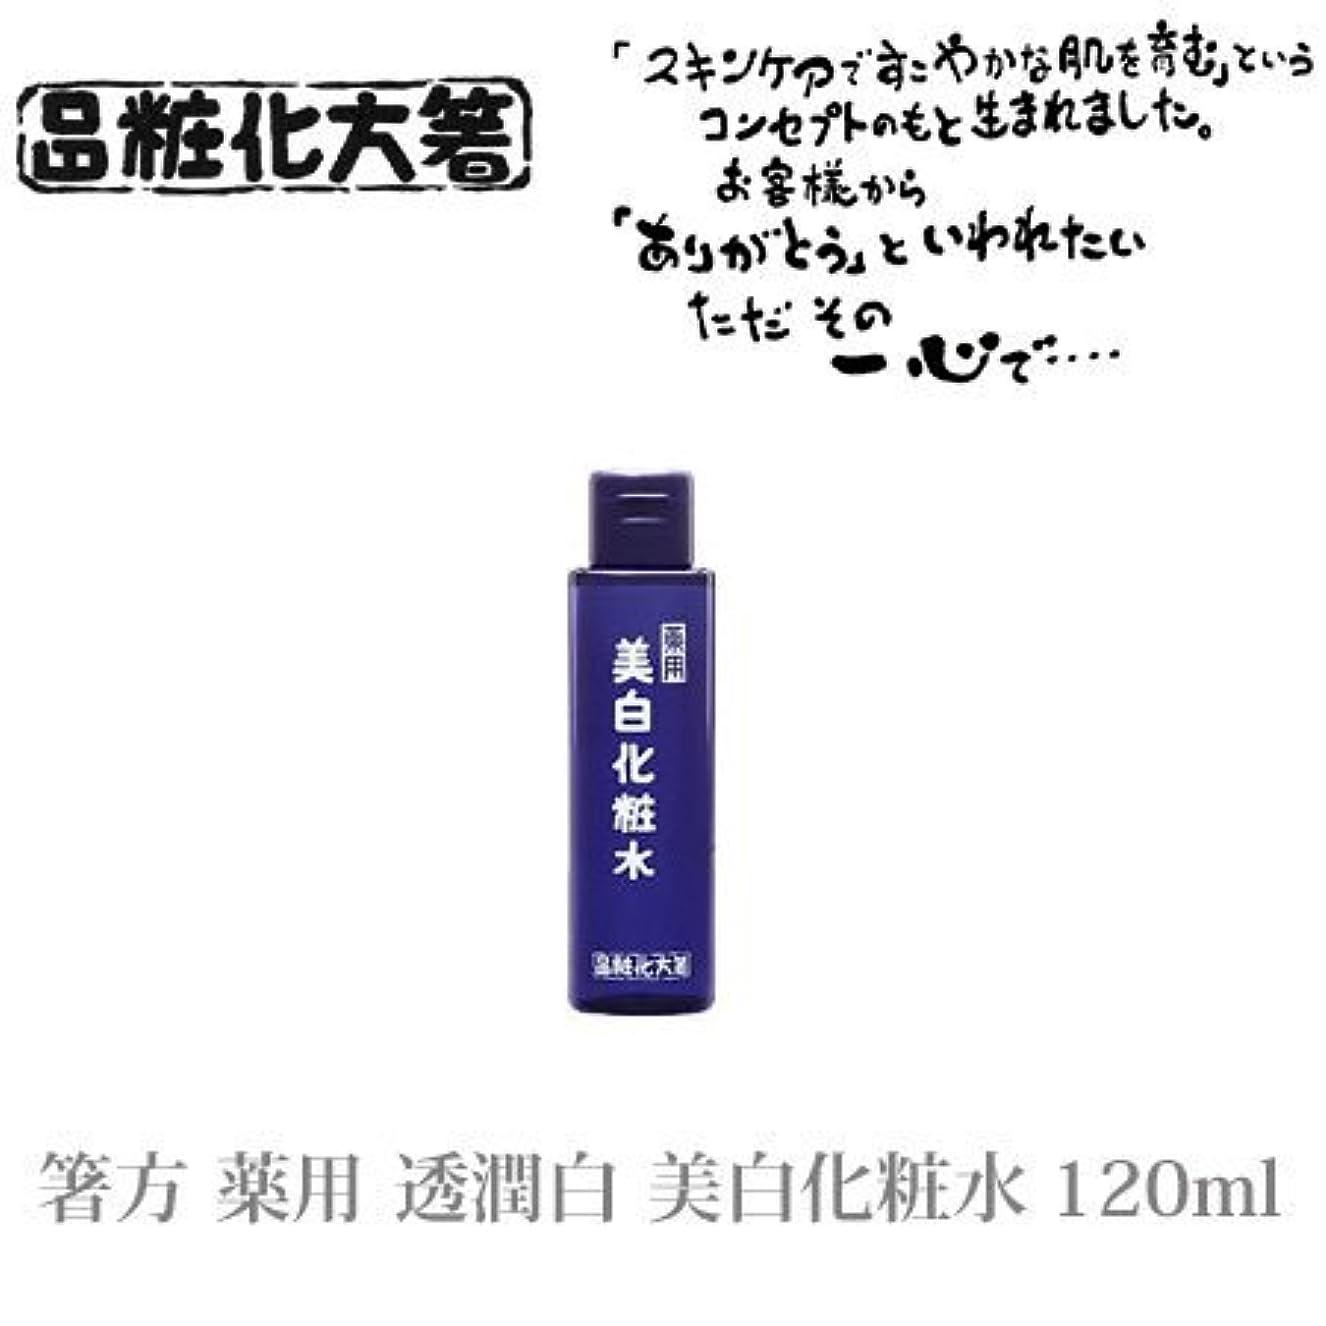 盆地複数のために箸方化粧品 薬用 透潤白 美白化粧水 120ml はしかた化粧品